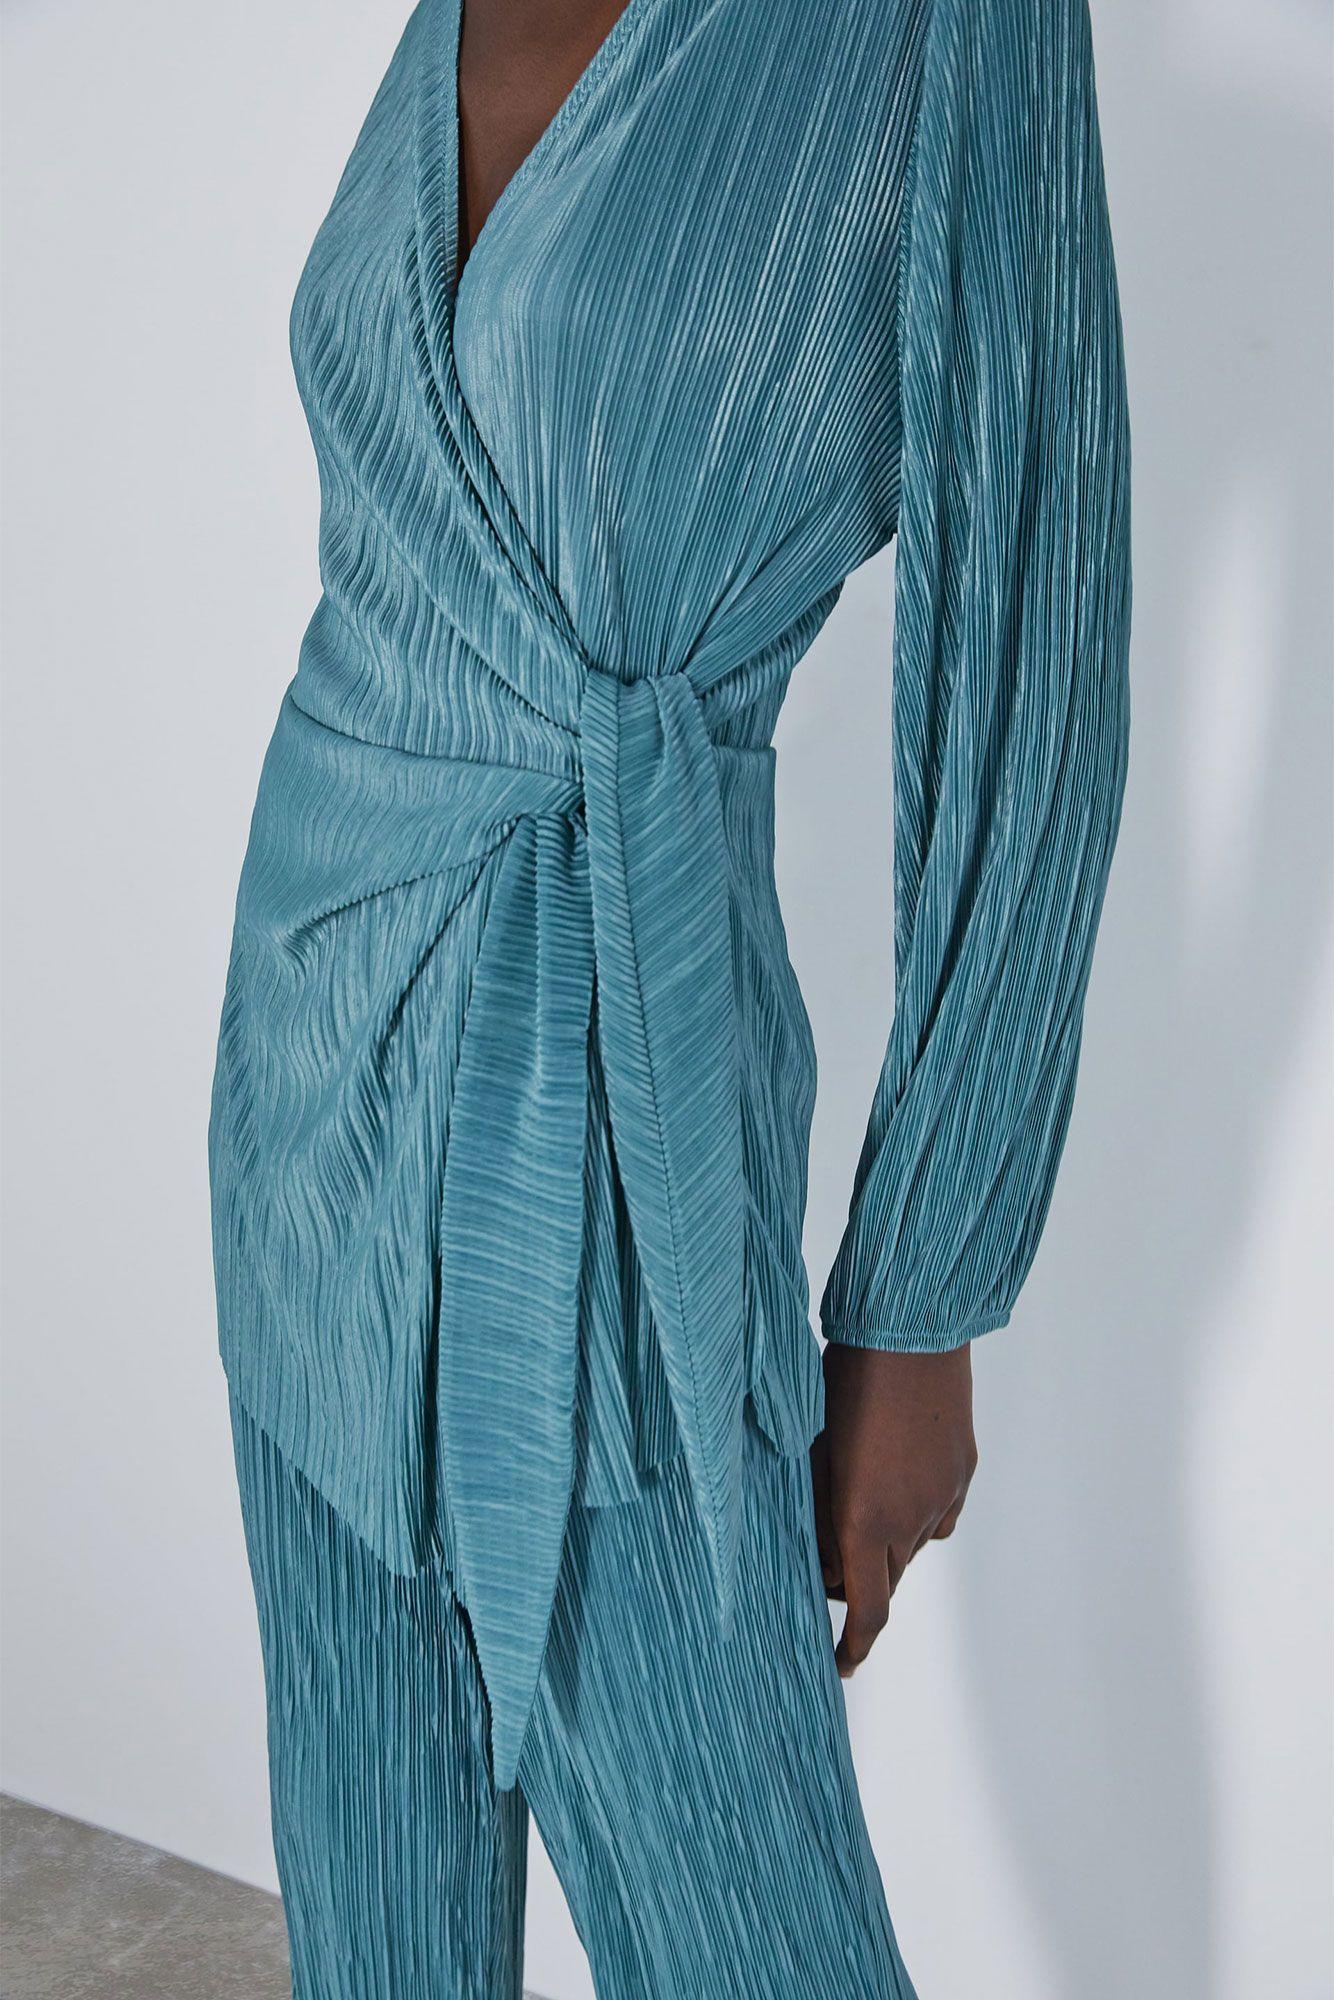 El conjunto cruzado de Zara que han agotado las expertas de moda